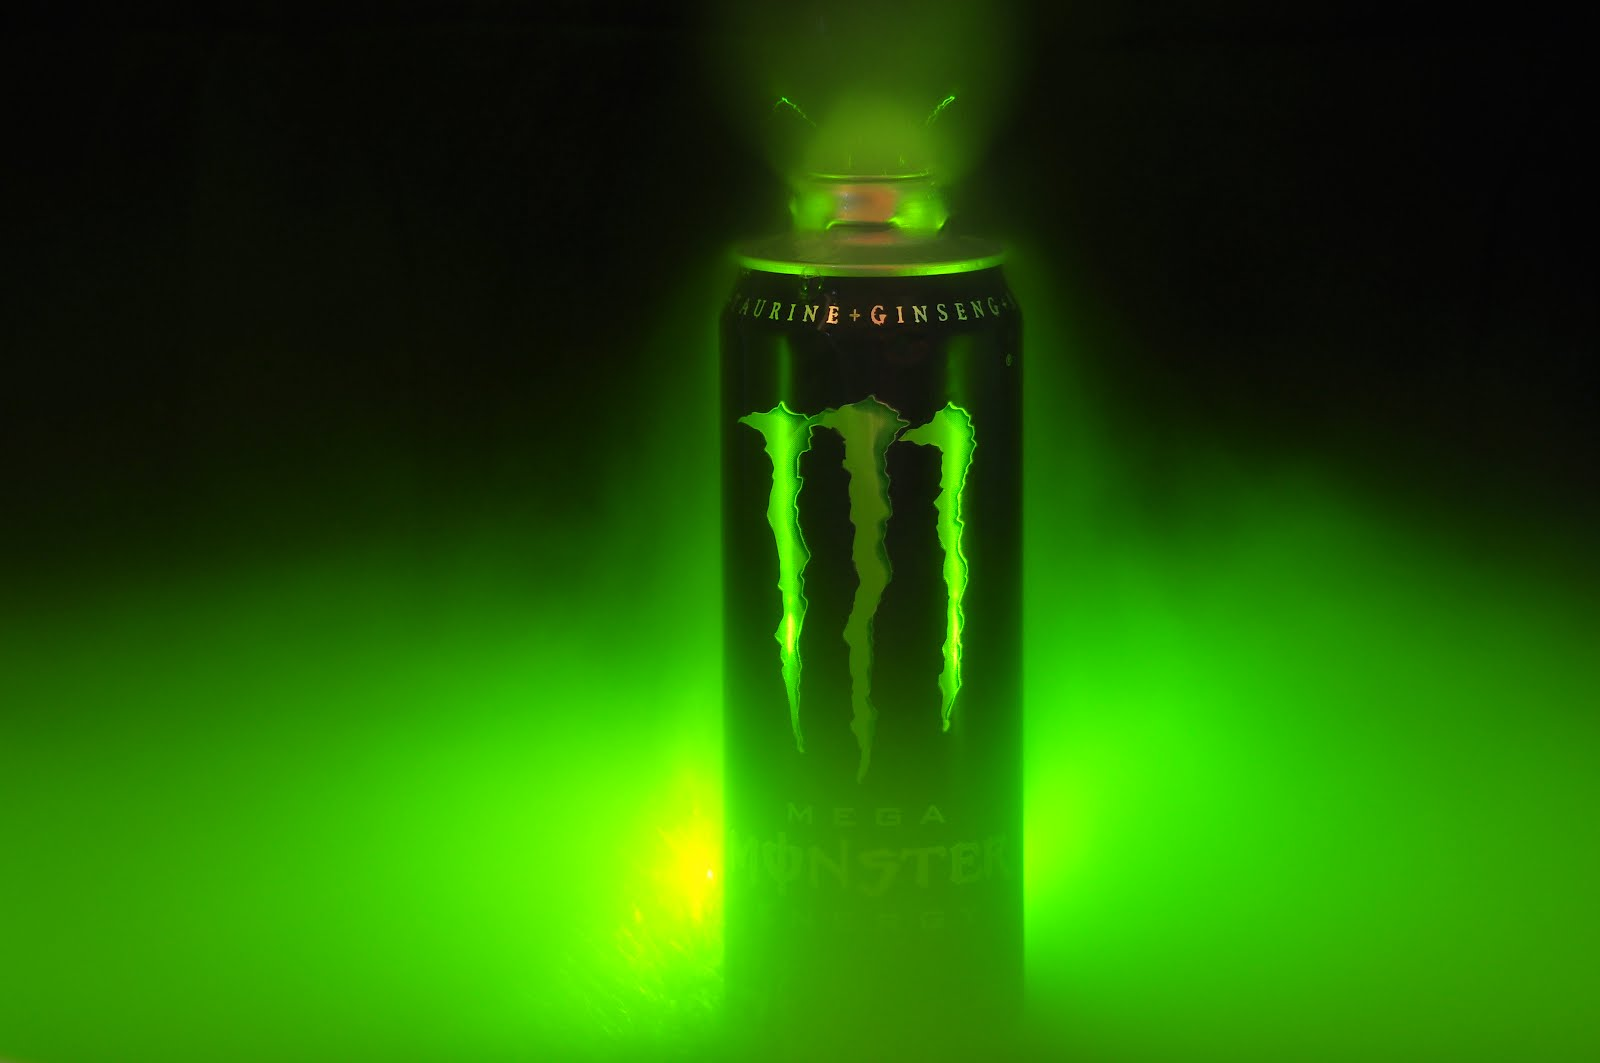 http://3.bp.blogspot.com/-gRCGVM90Ec8/T1ksS1ywuzI/AAAAAAAAGI8/WZRX7ZeOEHs/s1600/Monster%2BEnergy%2Bd01.jpg